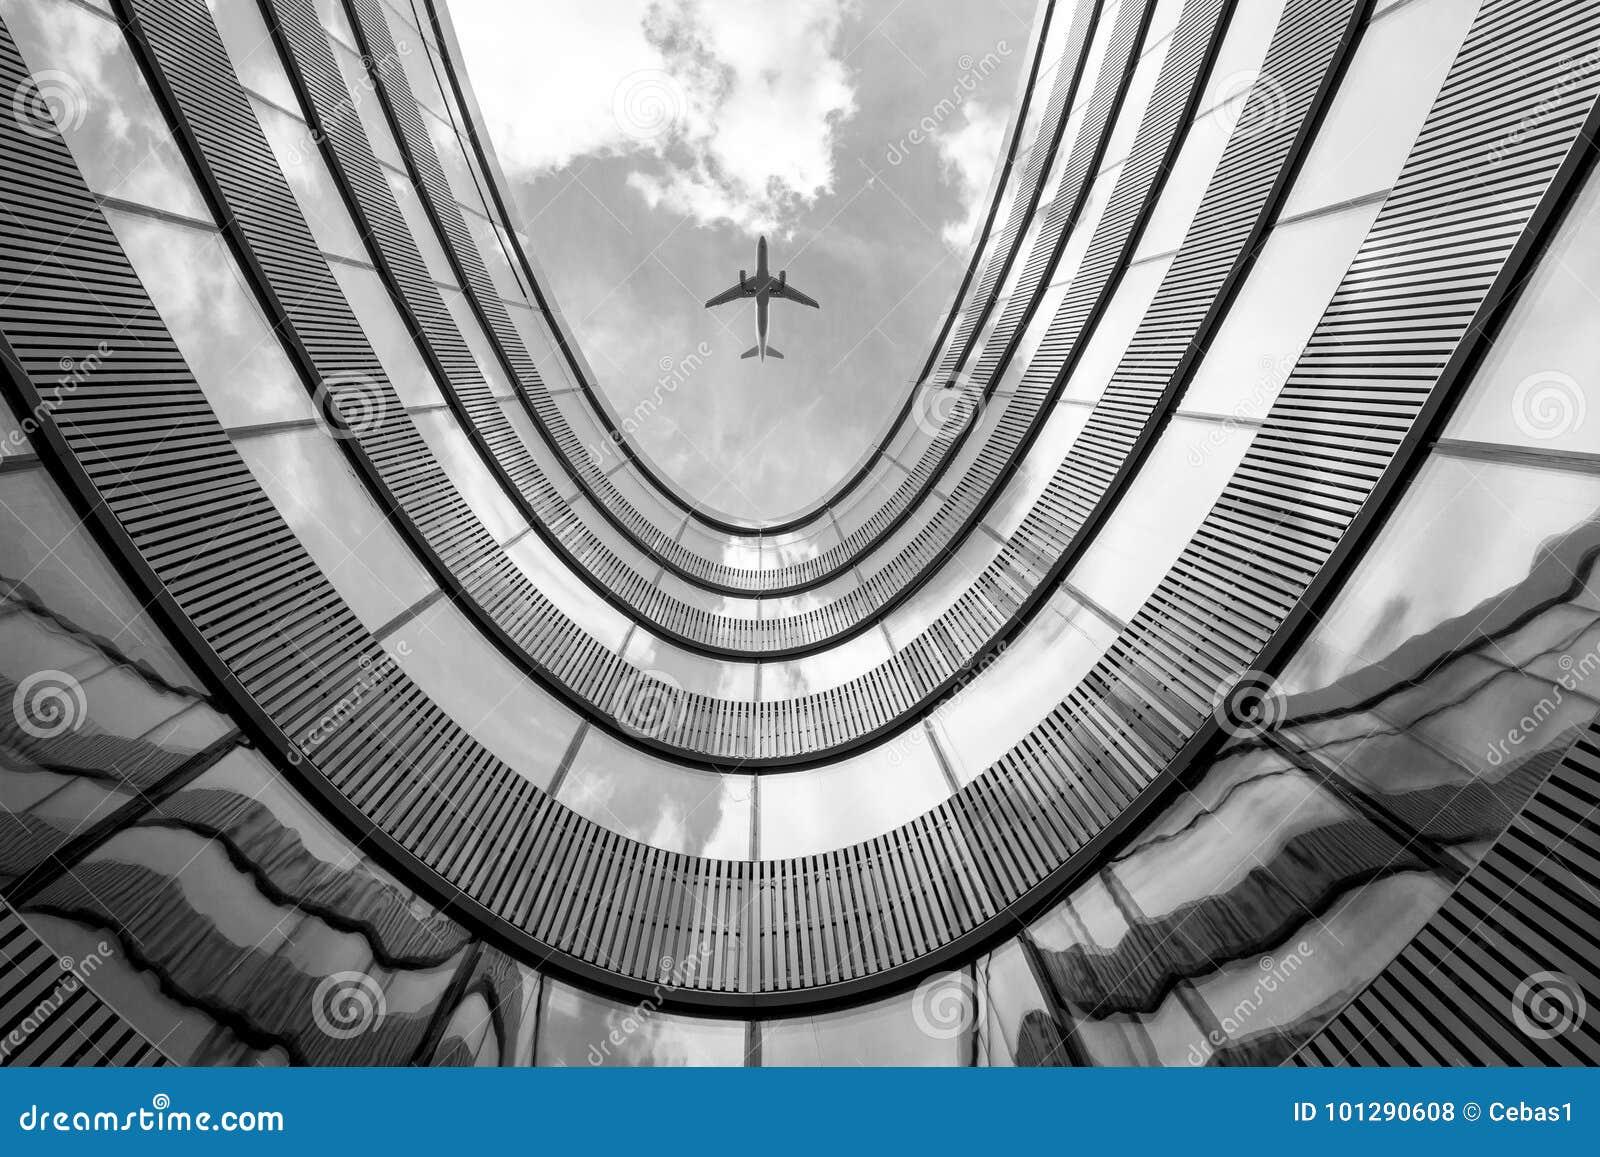 Πετώντας αεροπλάνο και σύγχρονο κτήριο αρχιτεκτονικής